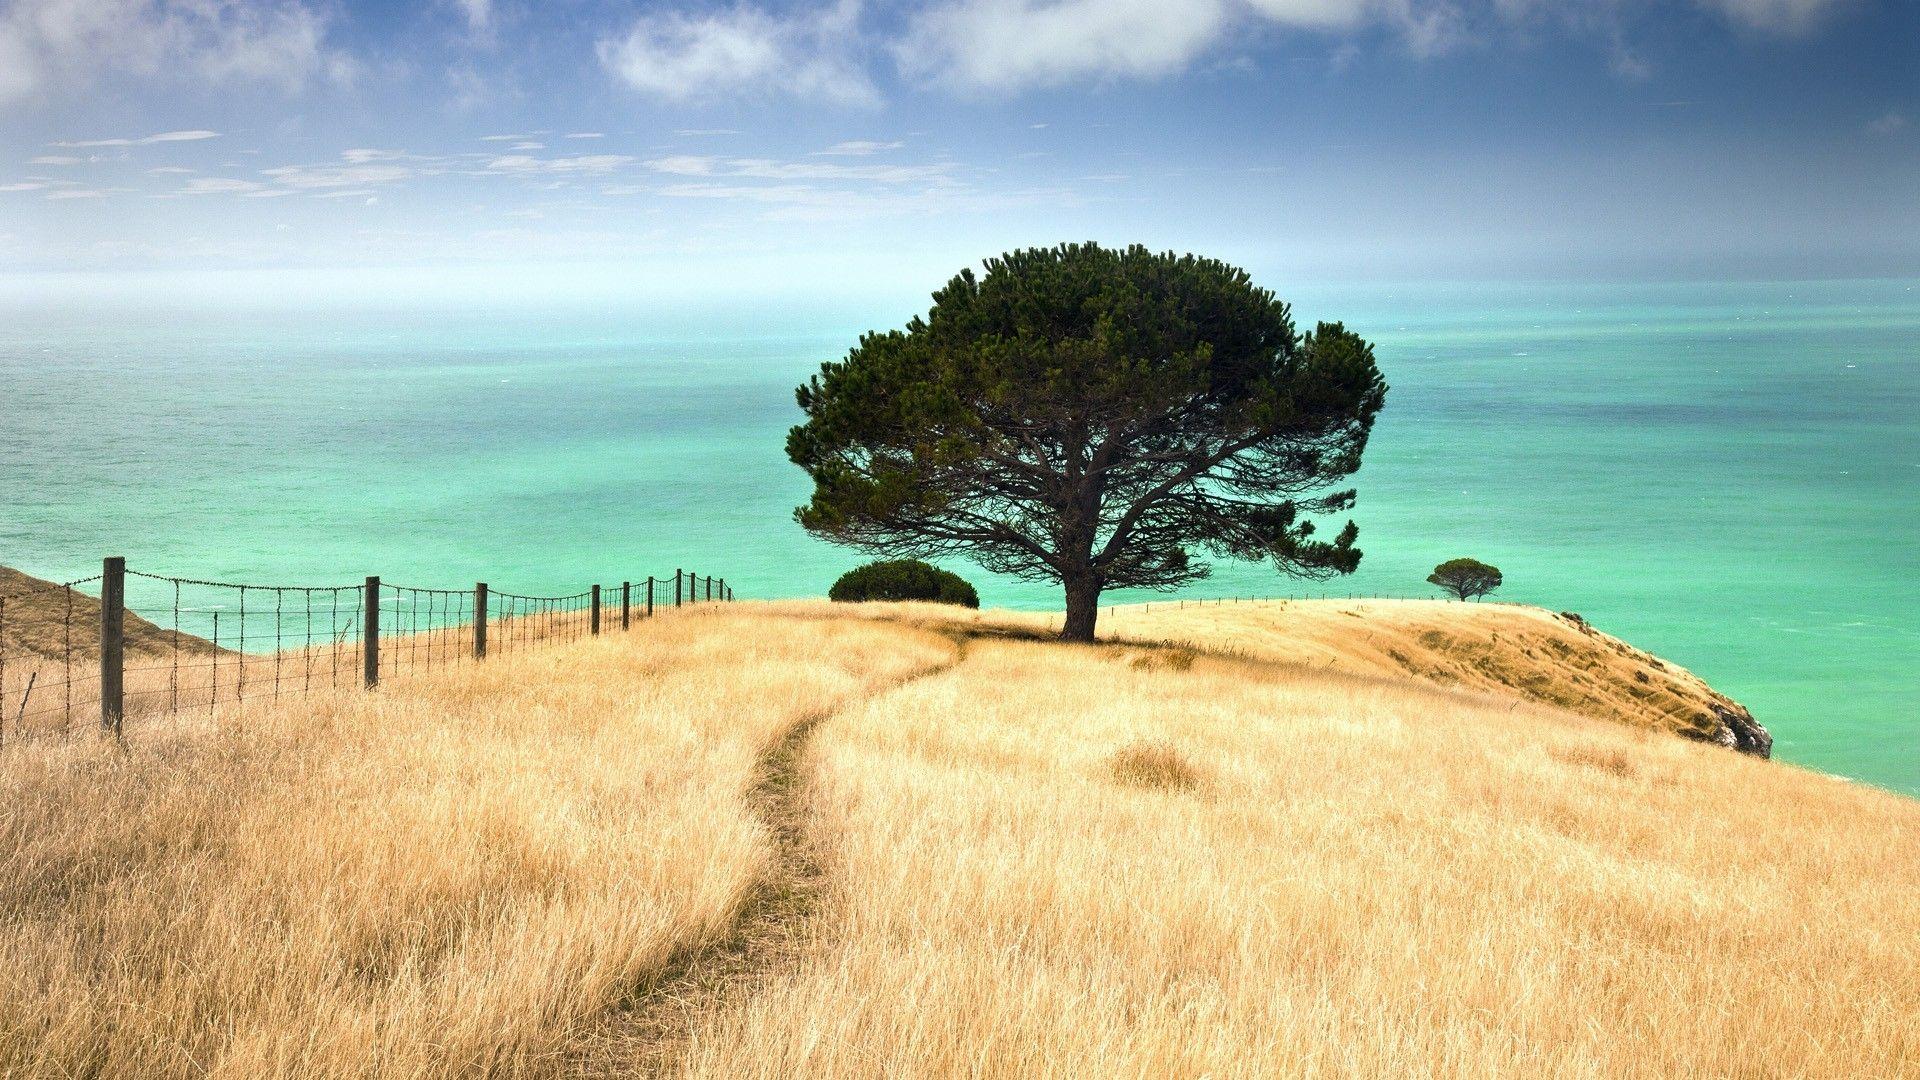 Best background images new zealand New Zealand